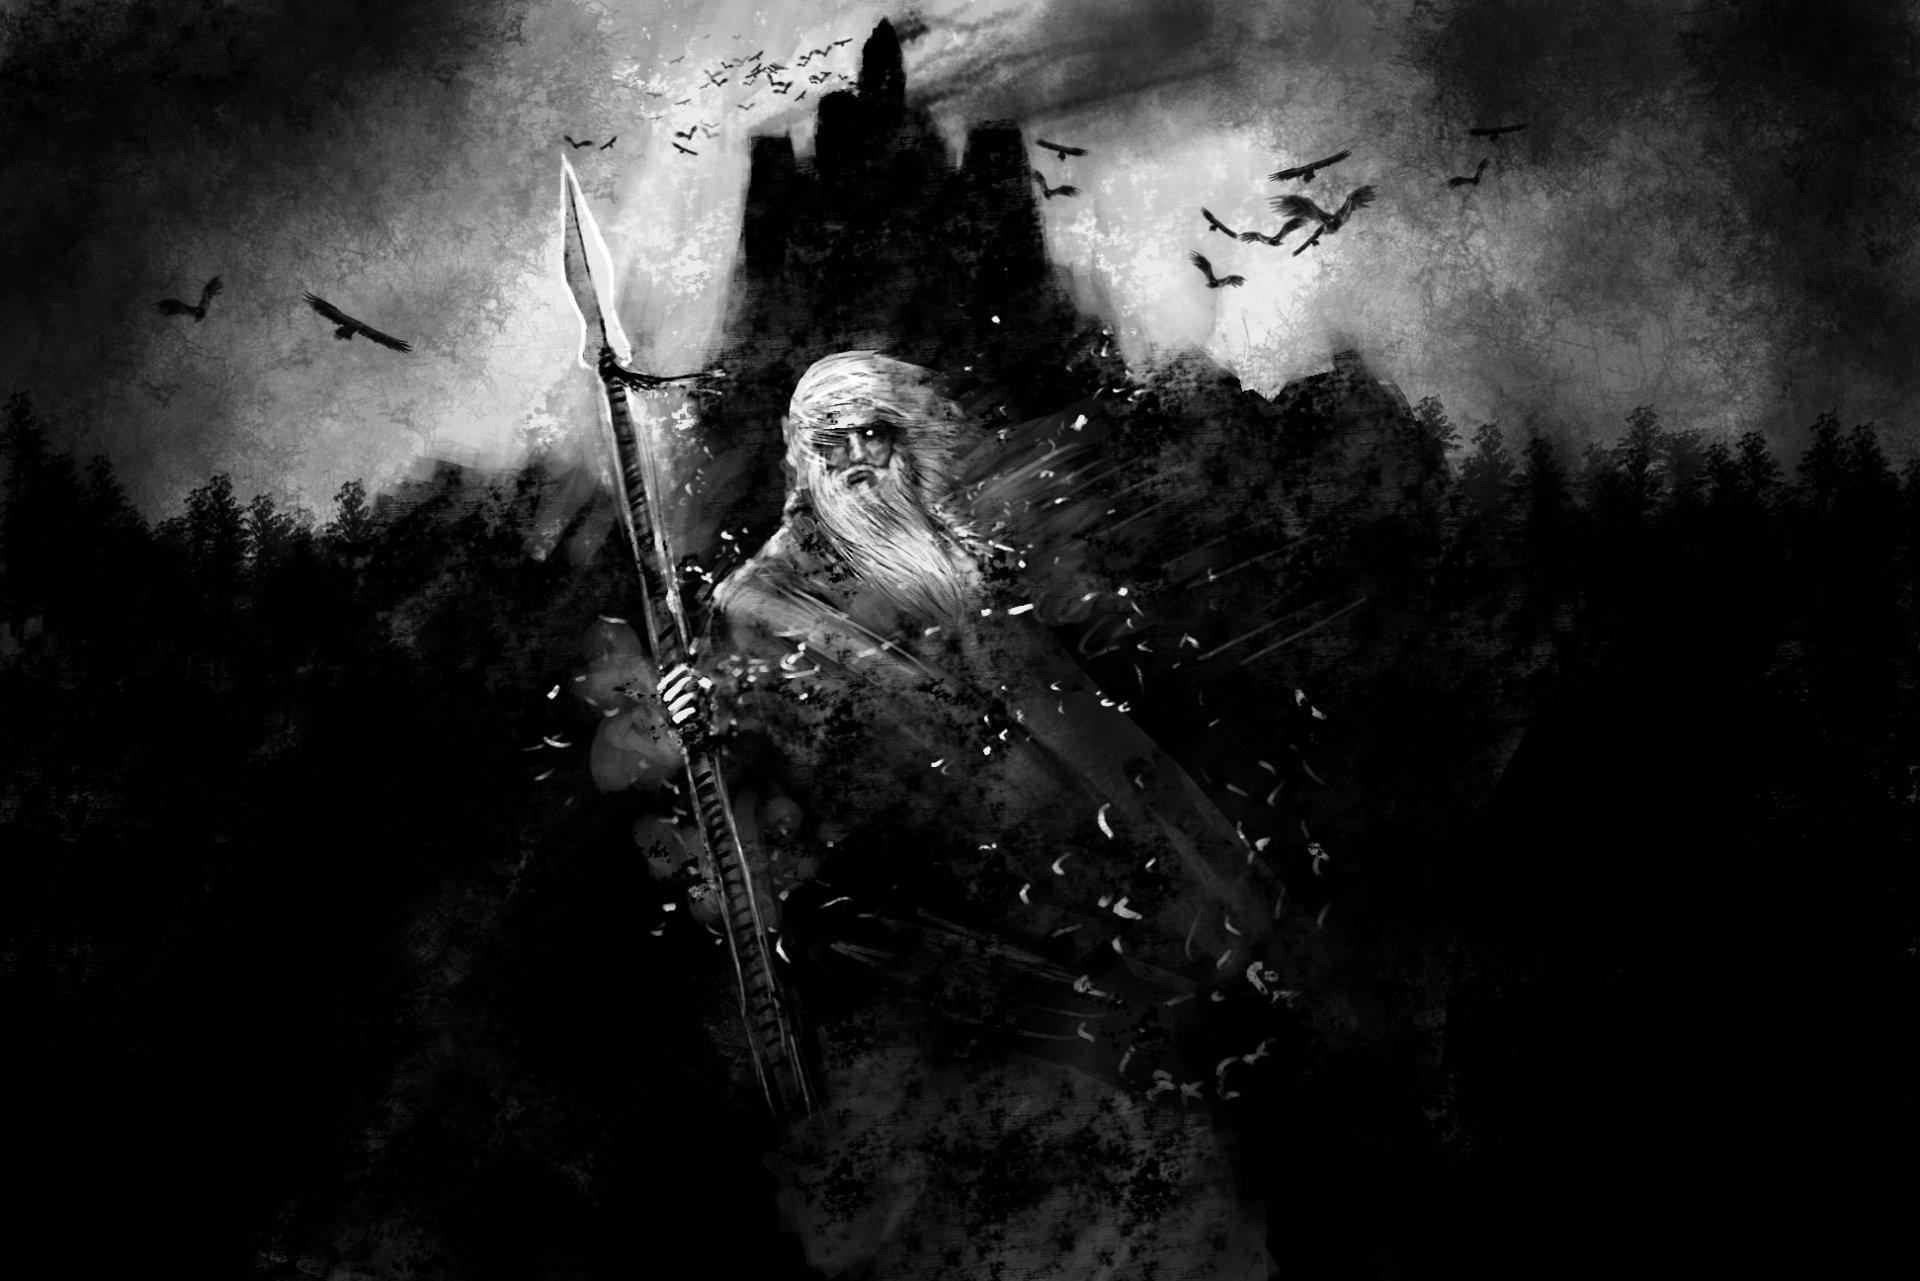 в чем смысл жизни в язычестве викингов рекомендовать эту